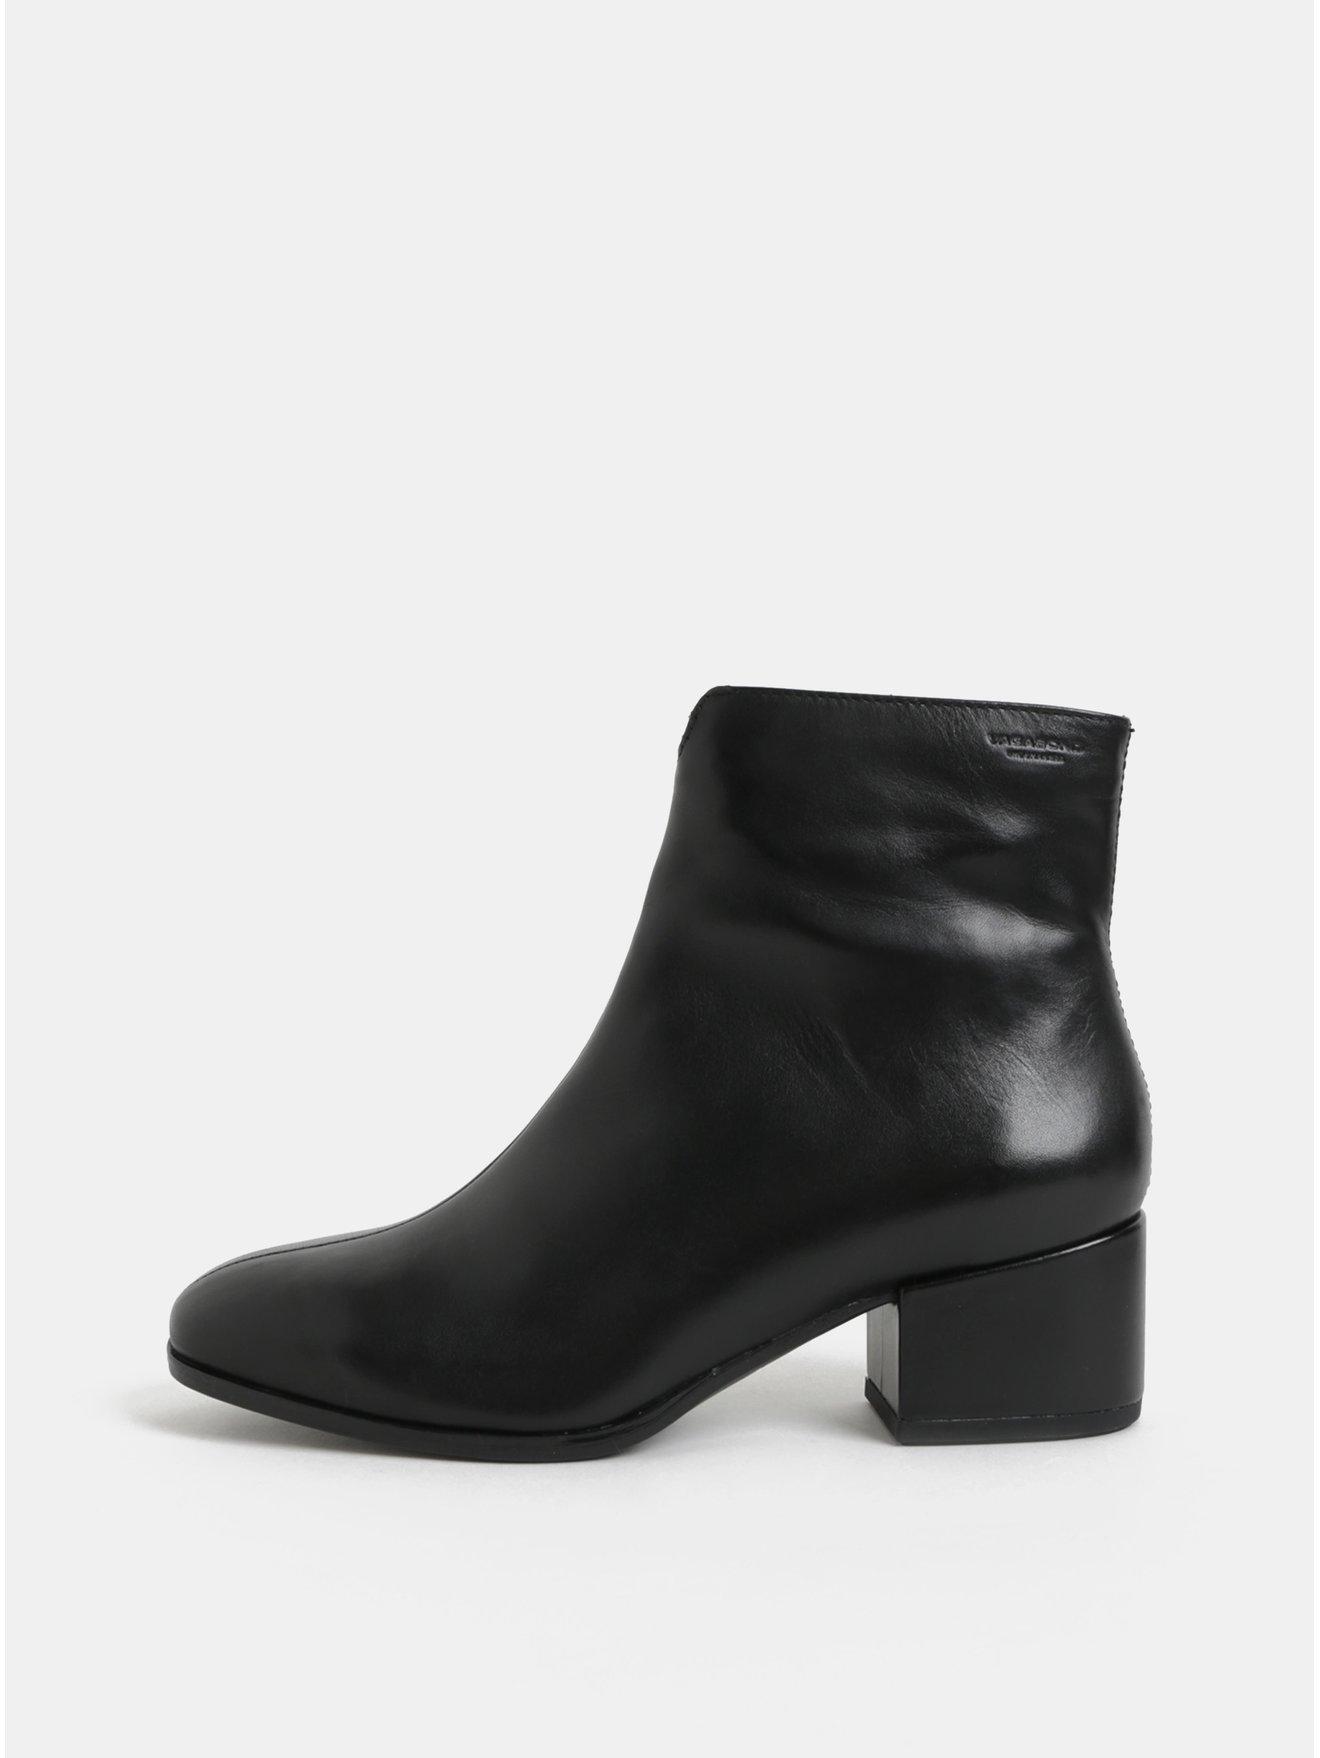 Černé dámské kožené kotníkové boty na nízkém podpatku Vagabond Daisy c7c1c14a9c